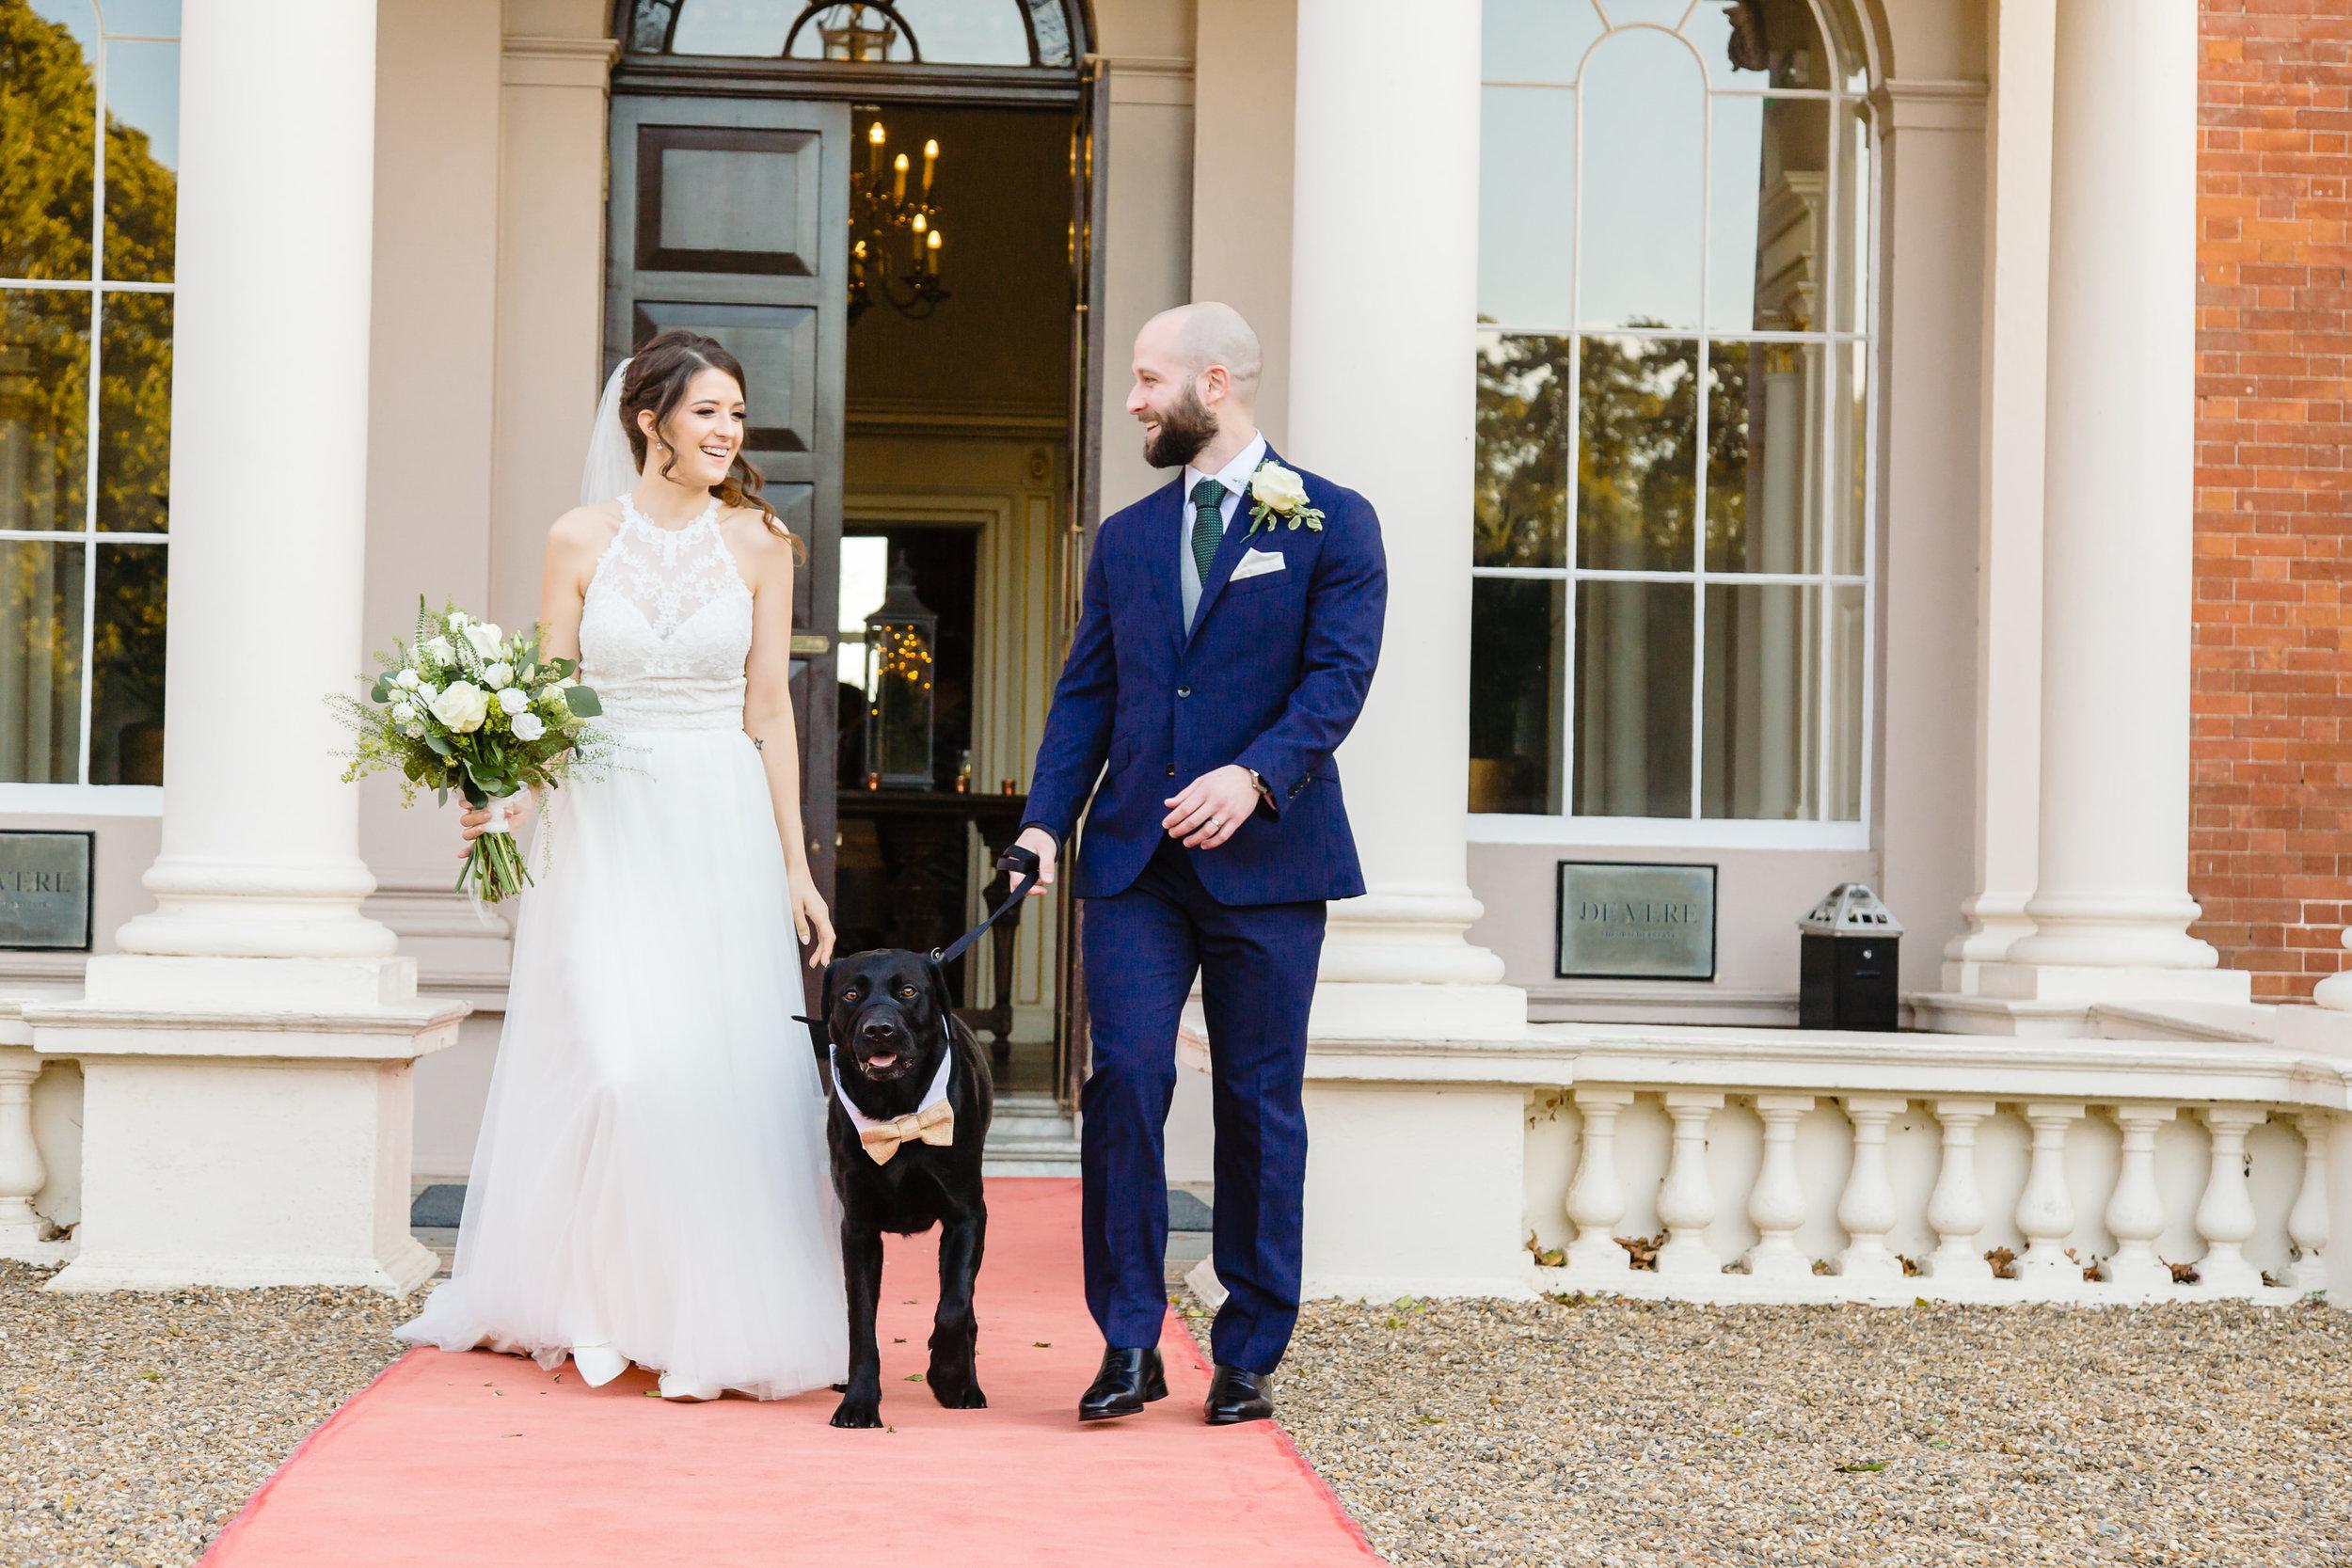 gemma-alex-wedding-285.jpg